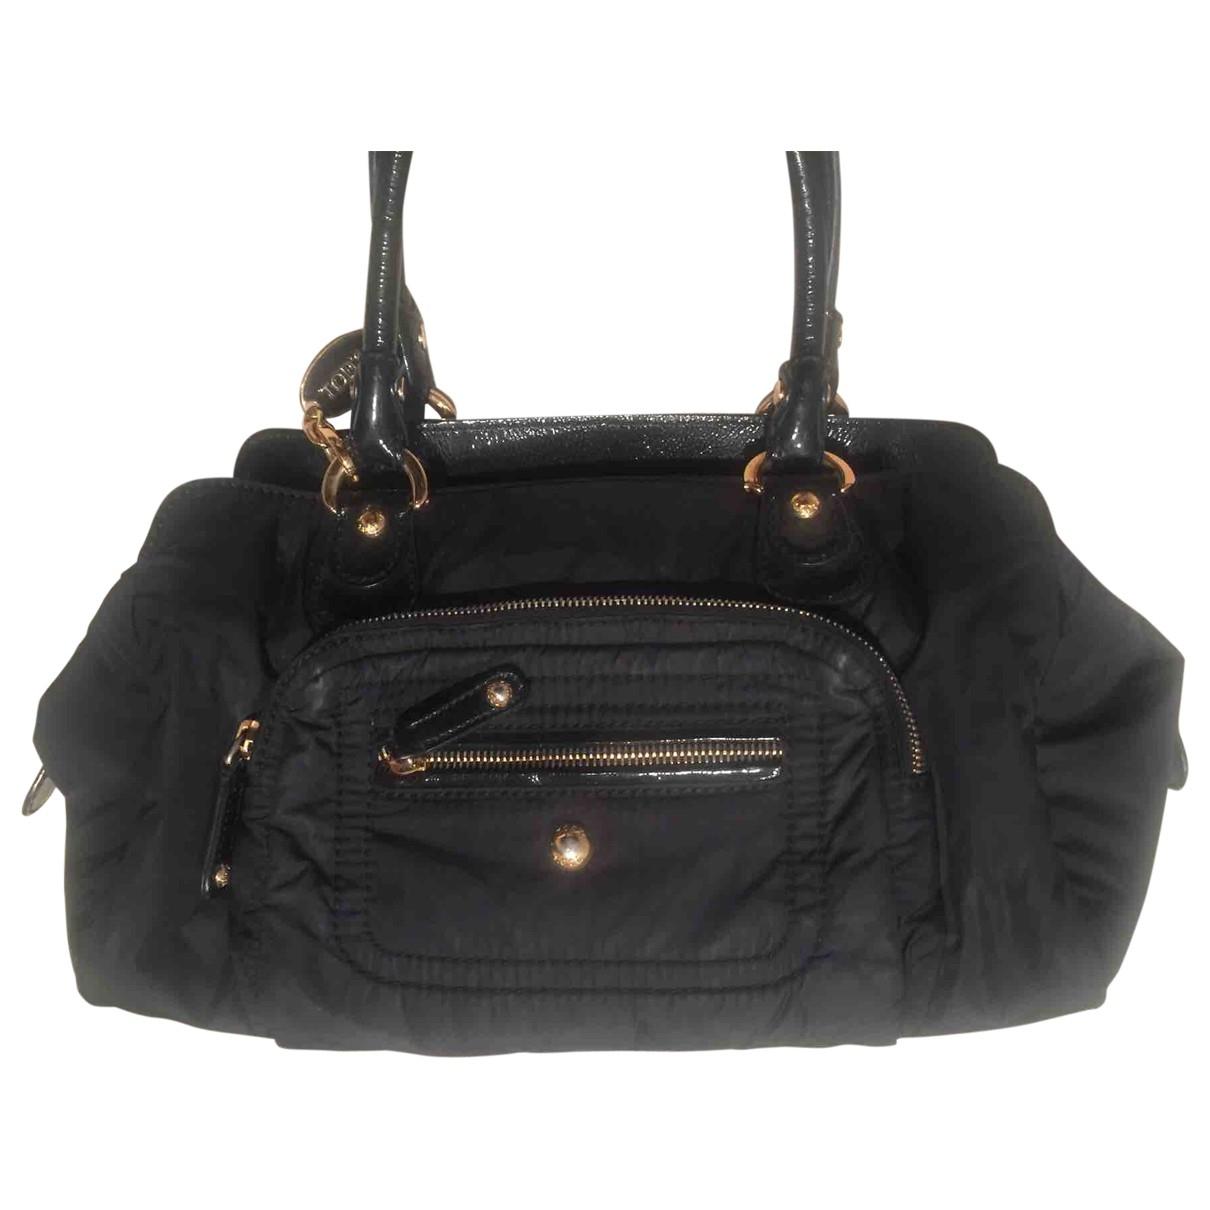 Tods \N Handtasche in  Schwarz Synthetik